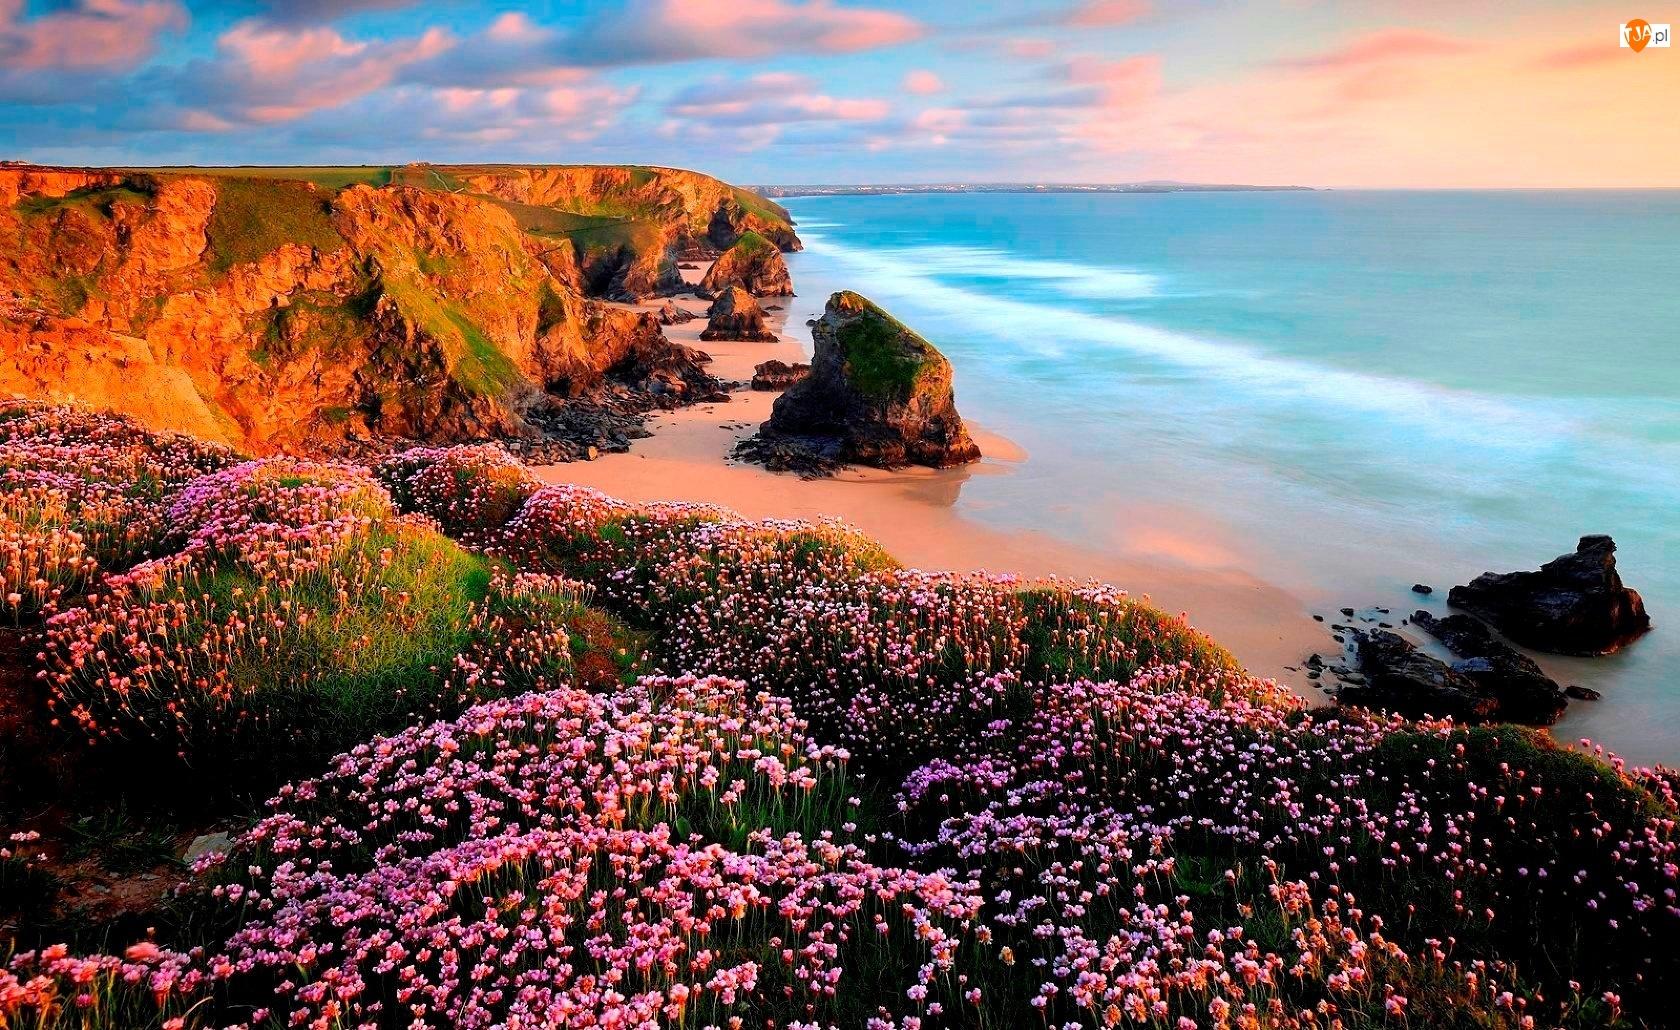 Skały, Chmury, Kwiaty, Morze